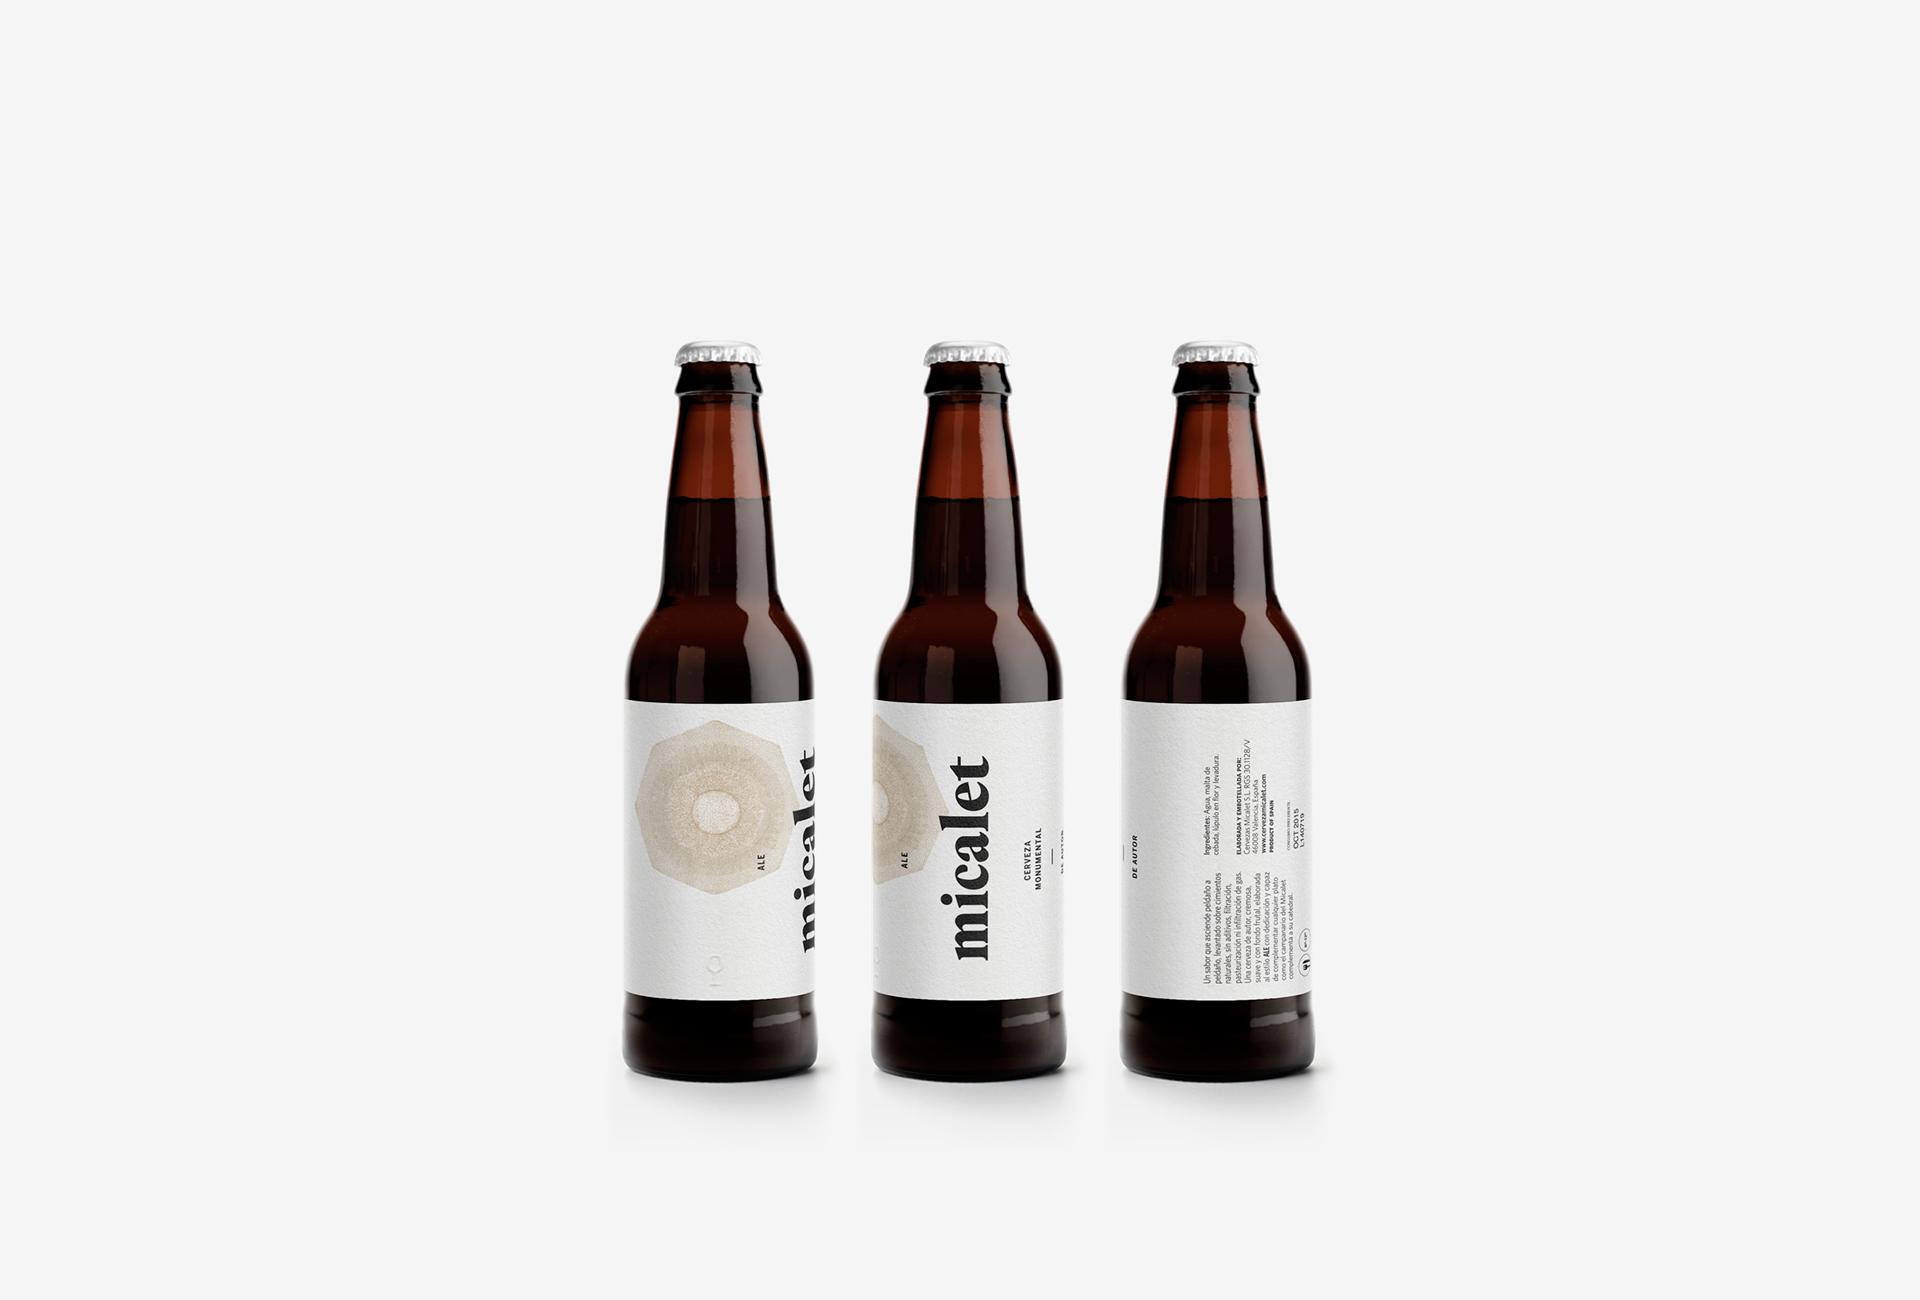 Fase, estudio de diseño gráfico. Identidad y packaging de cerveza Micalet.